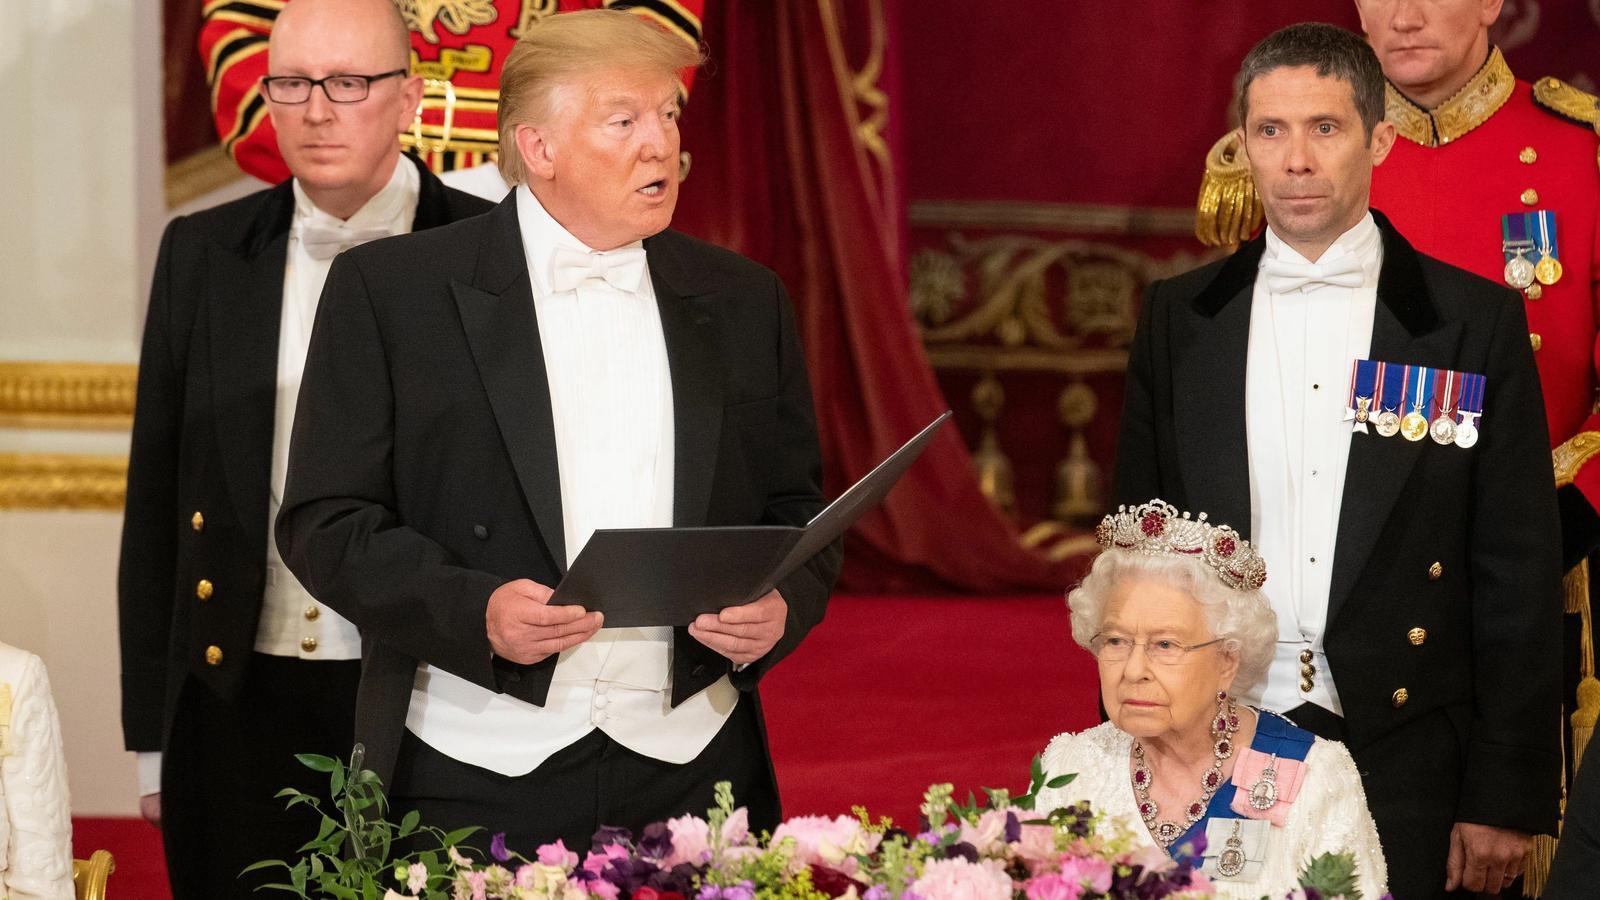 Donald Trump ja ha triat: prefereix la reina Elisabet II abans que la seva compatriota Meghan Markle